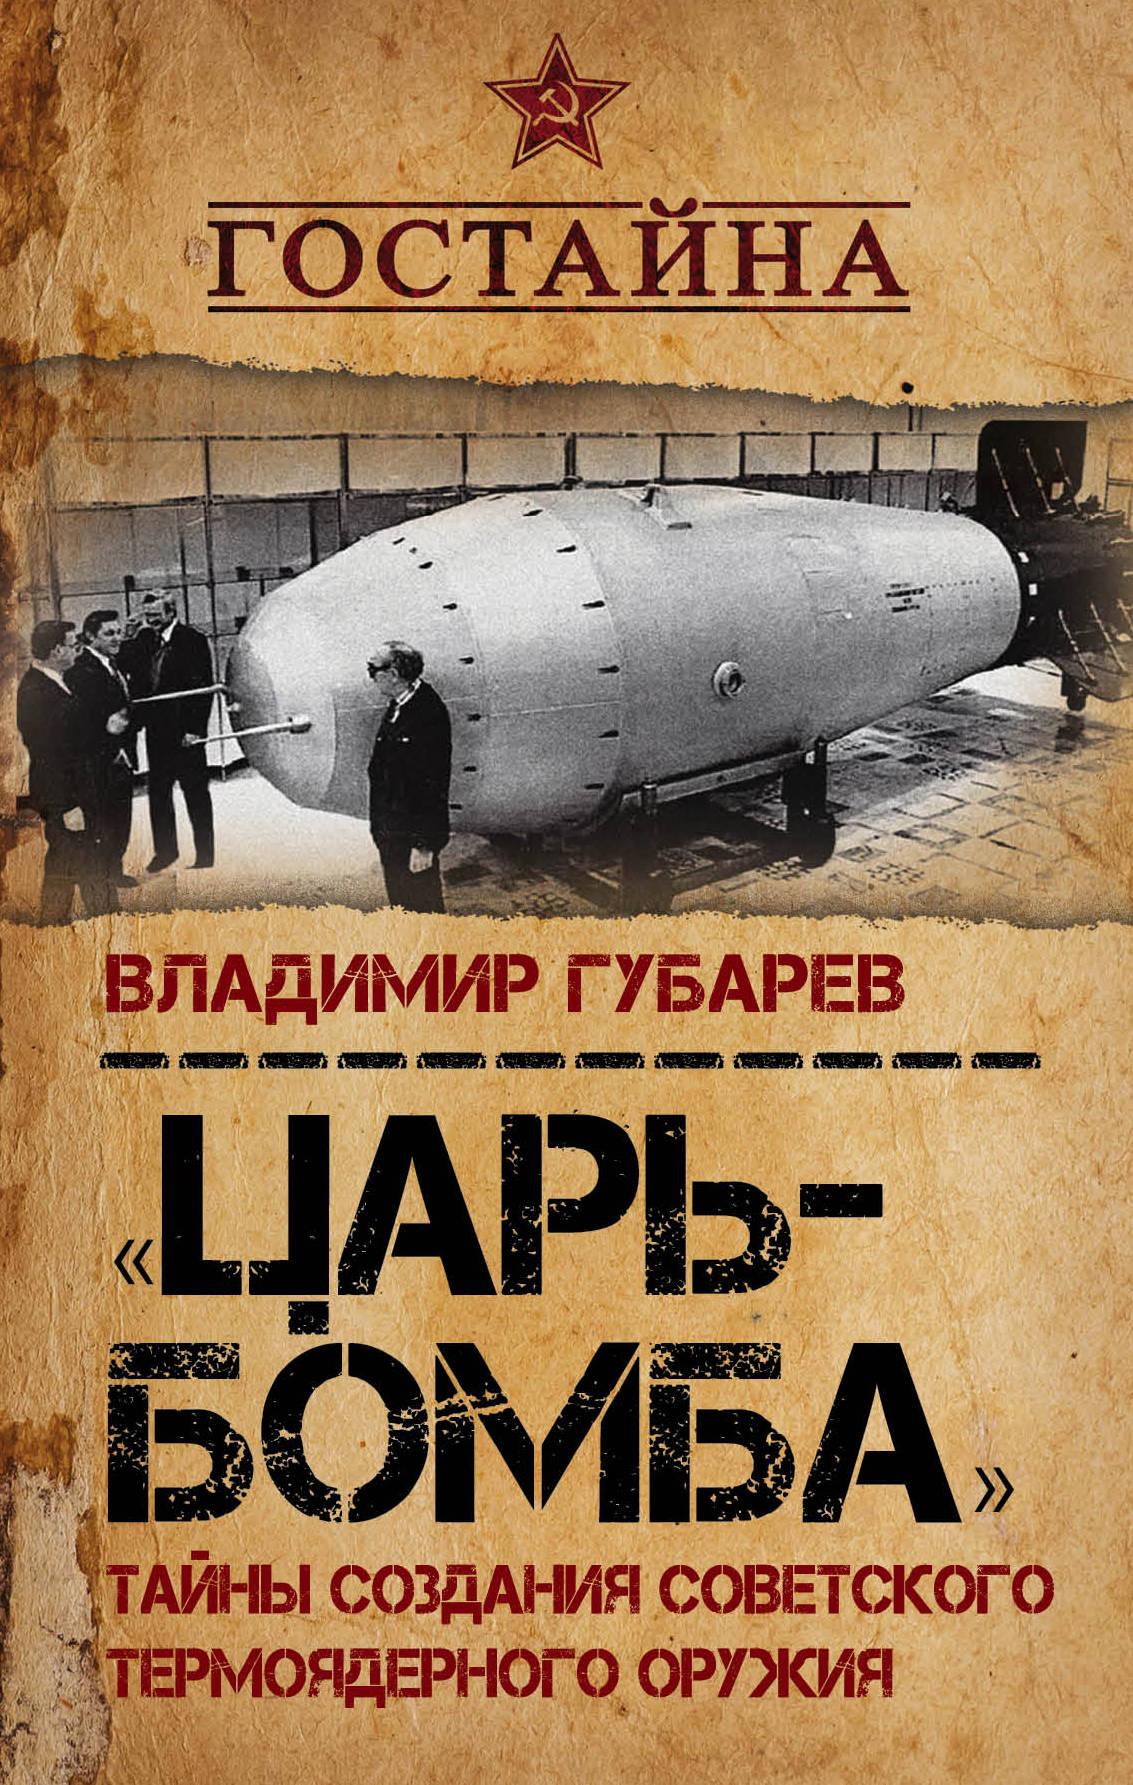 Владимир Губаре Царь-бомба. Тайны создания советского термоядерного оружия